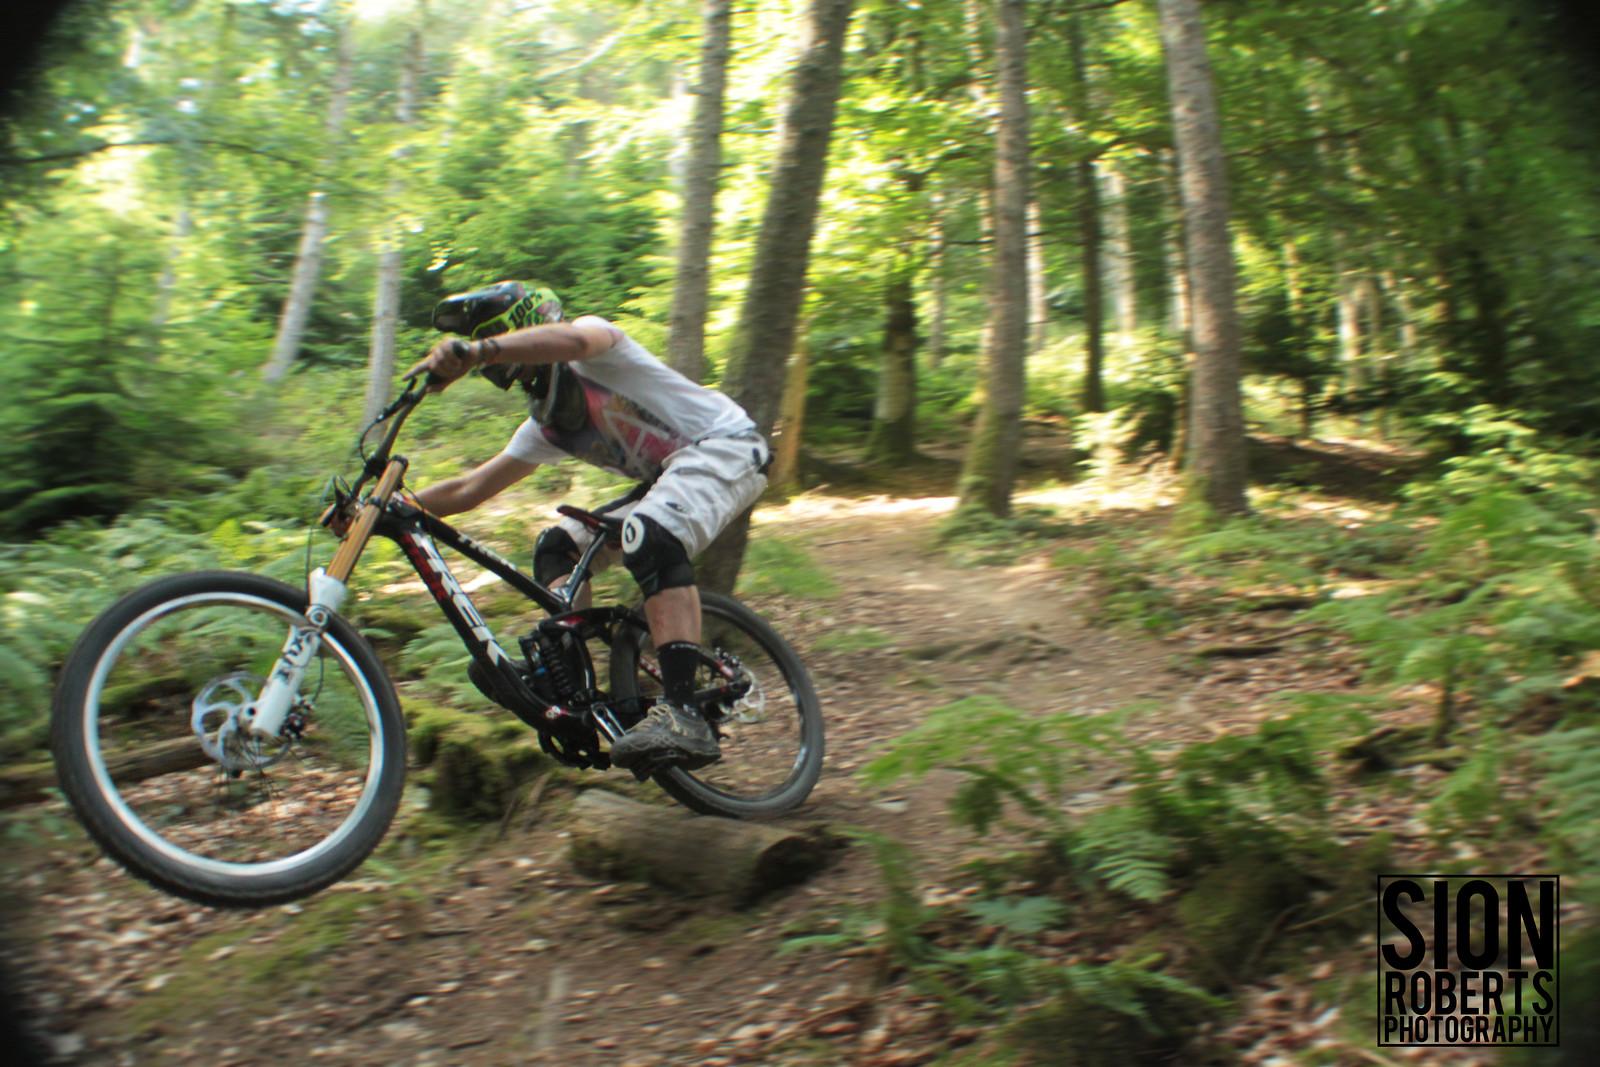 Pinned Through Berm  - sionr644 - Mountain Biking Pictures - Vital MTB